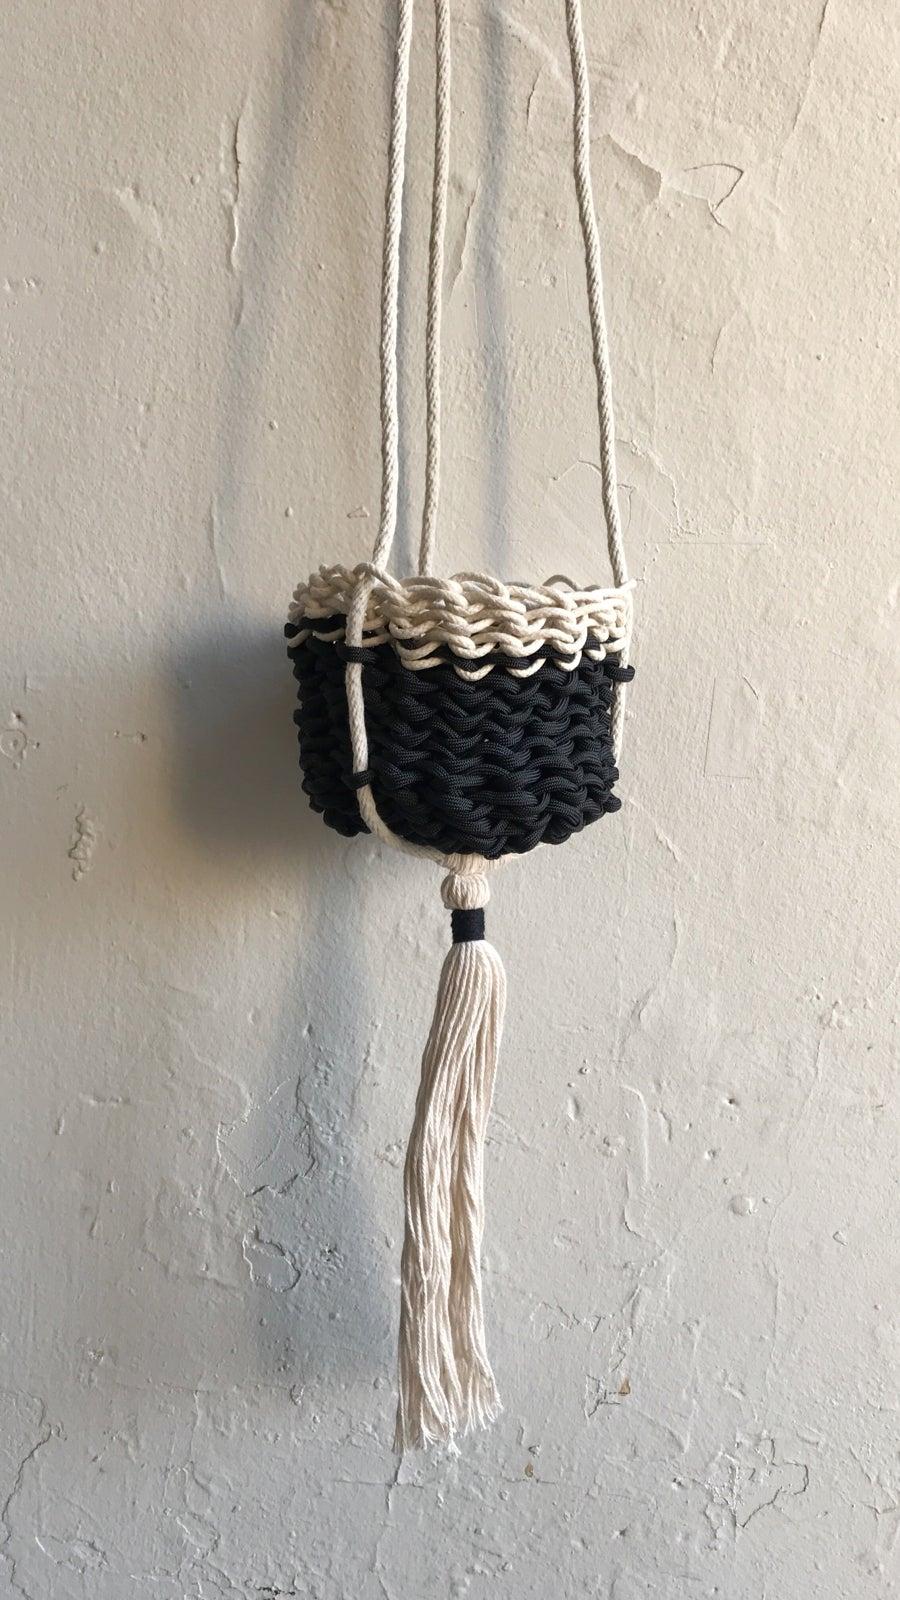 Image of Karen Gayle Tinney Crocheted Hanging Basket